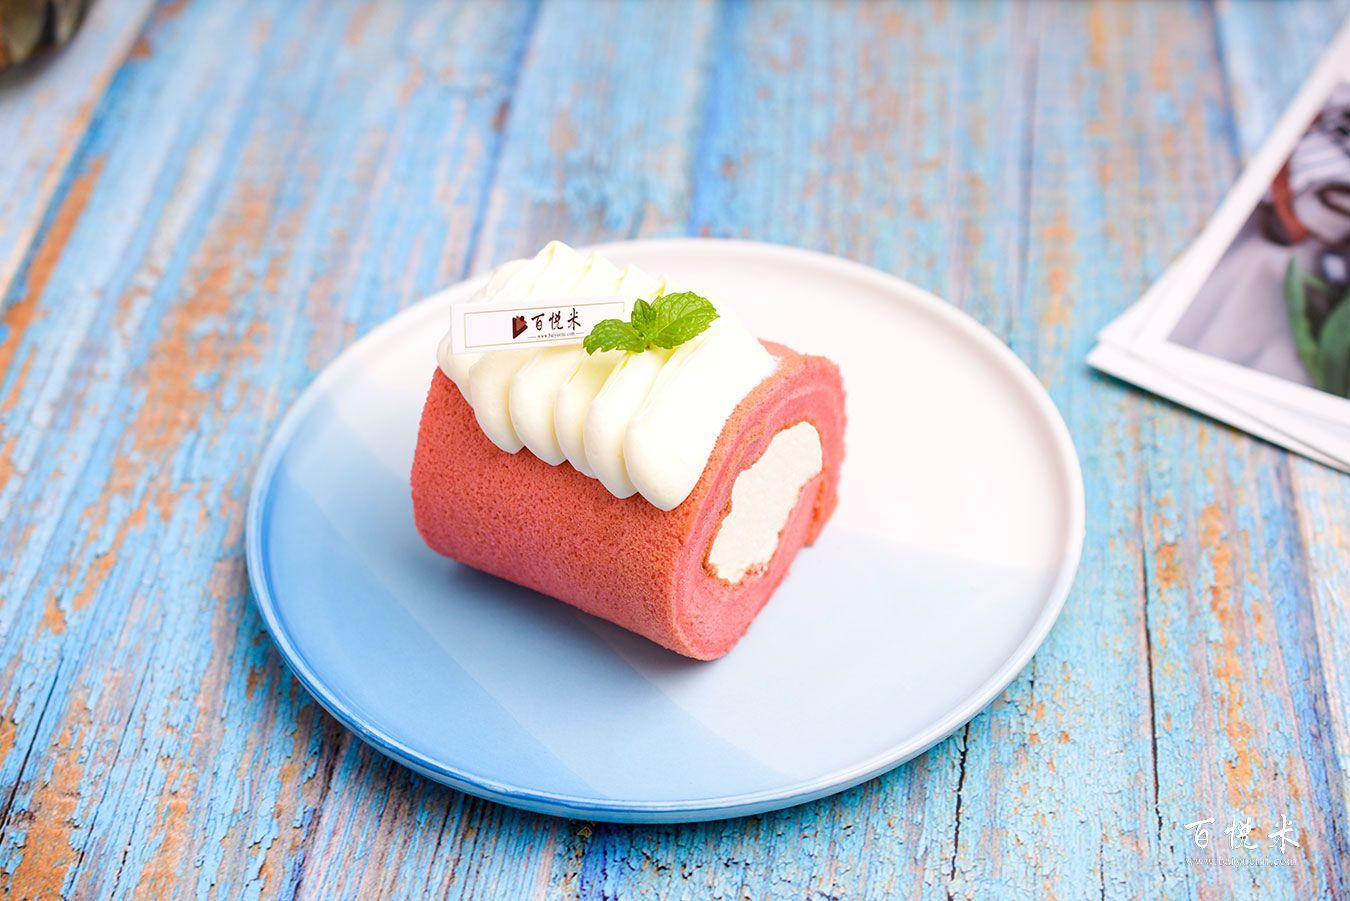 红丝绒蛋糕卷高清图片大全【蛋糕图片】_556